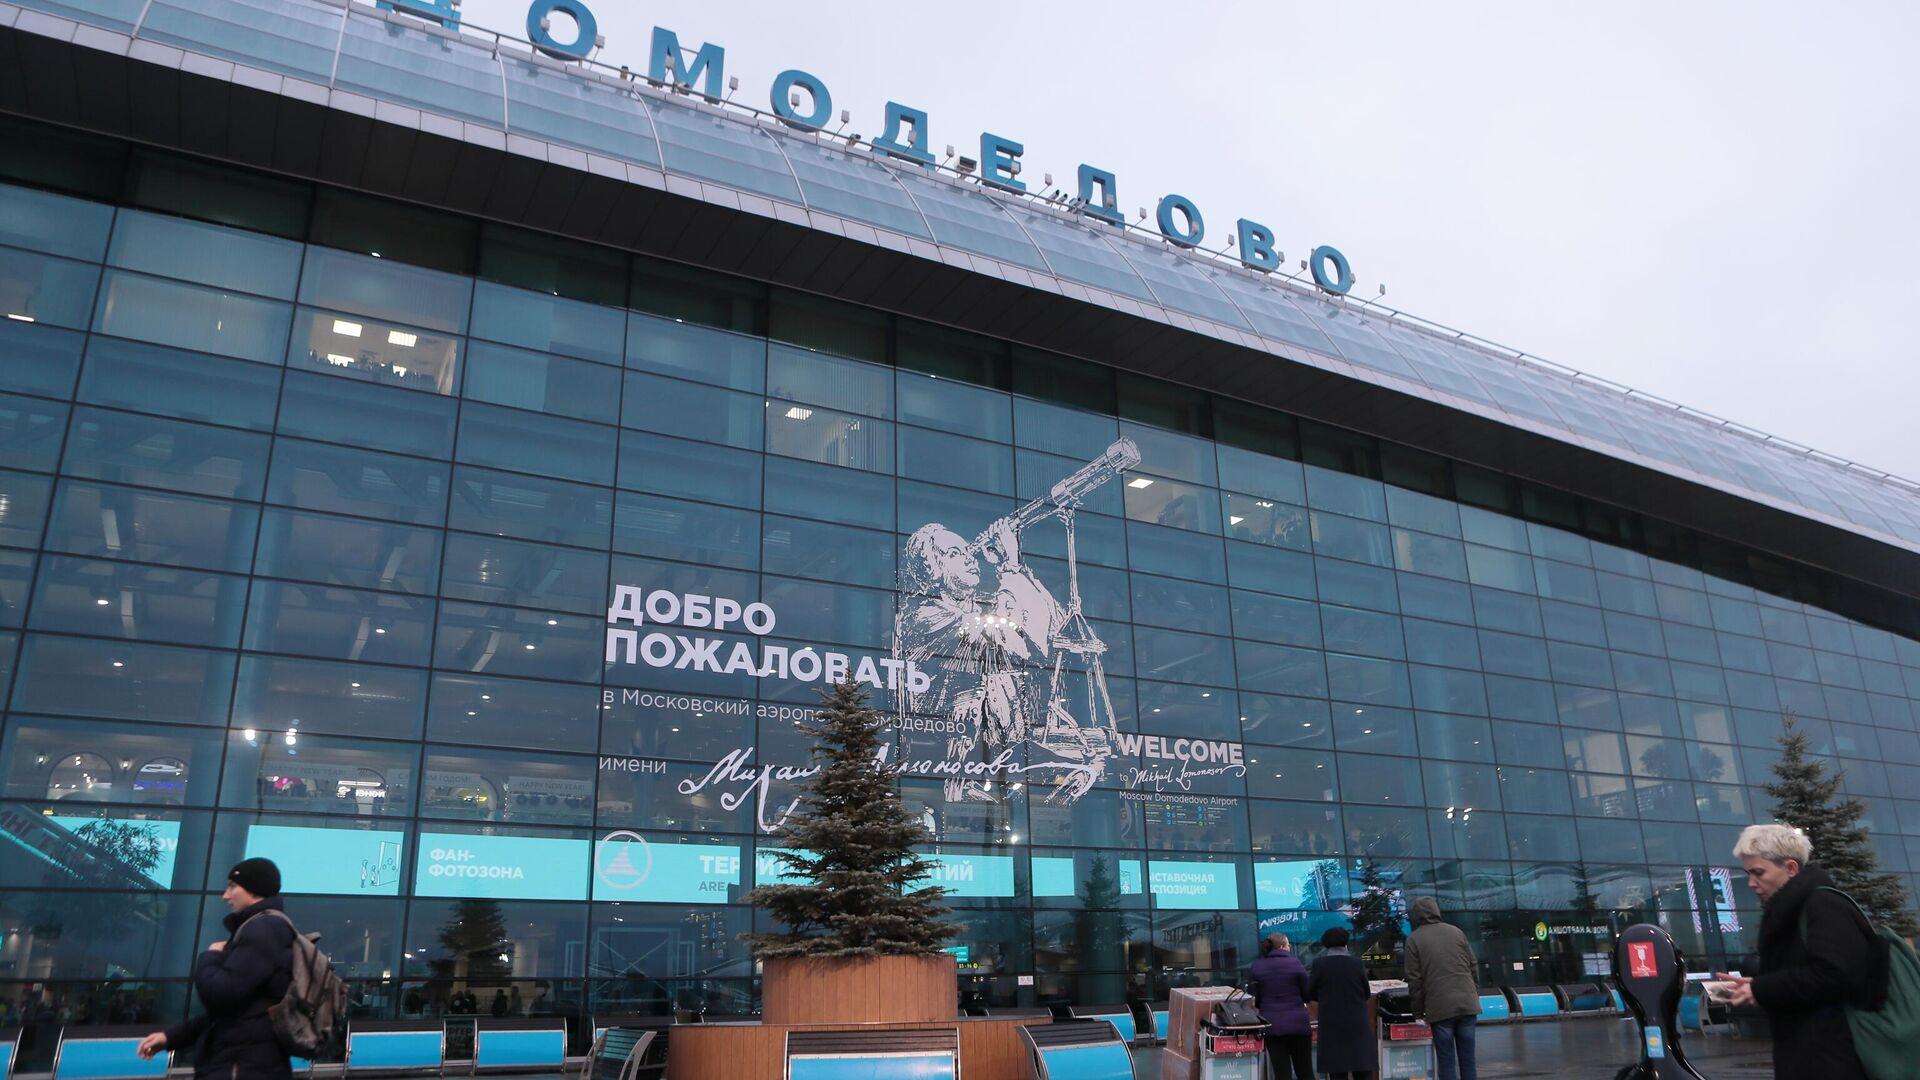 Пассажиры у терминала аэропорта Домодедово имени М. В. Ломоносова - РИА Новости, 1920, 18.02.2021